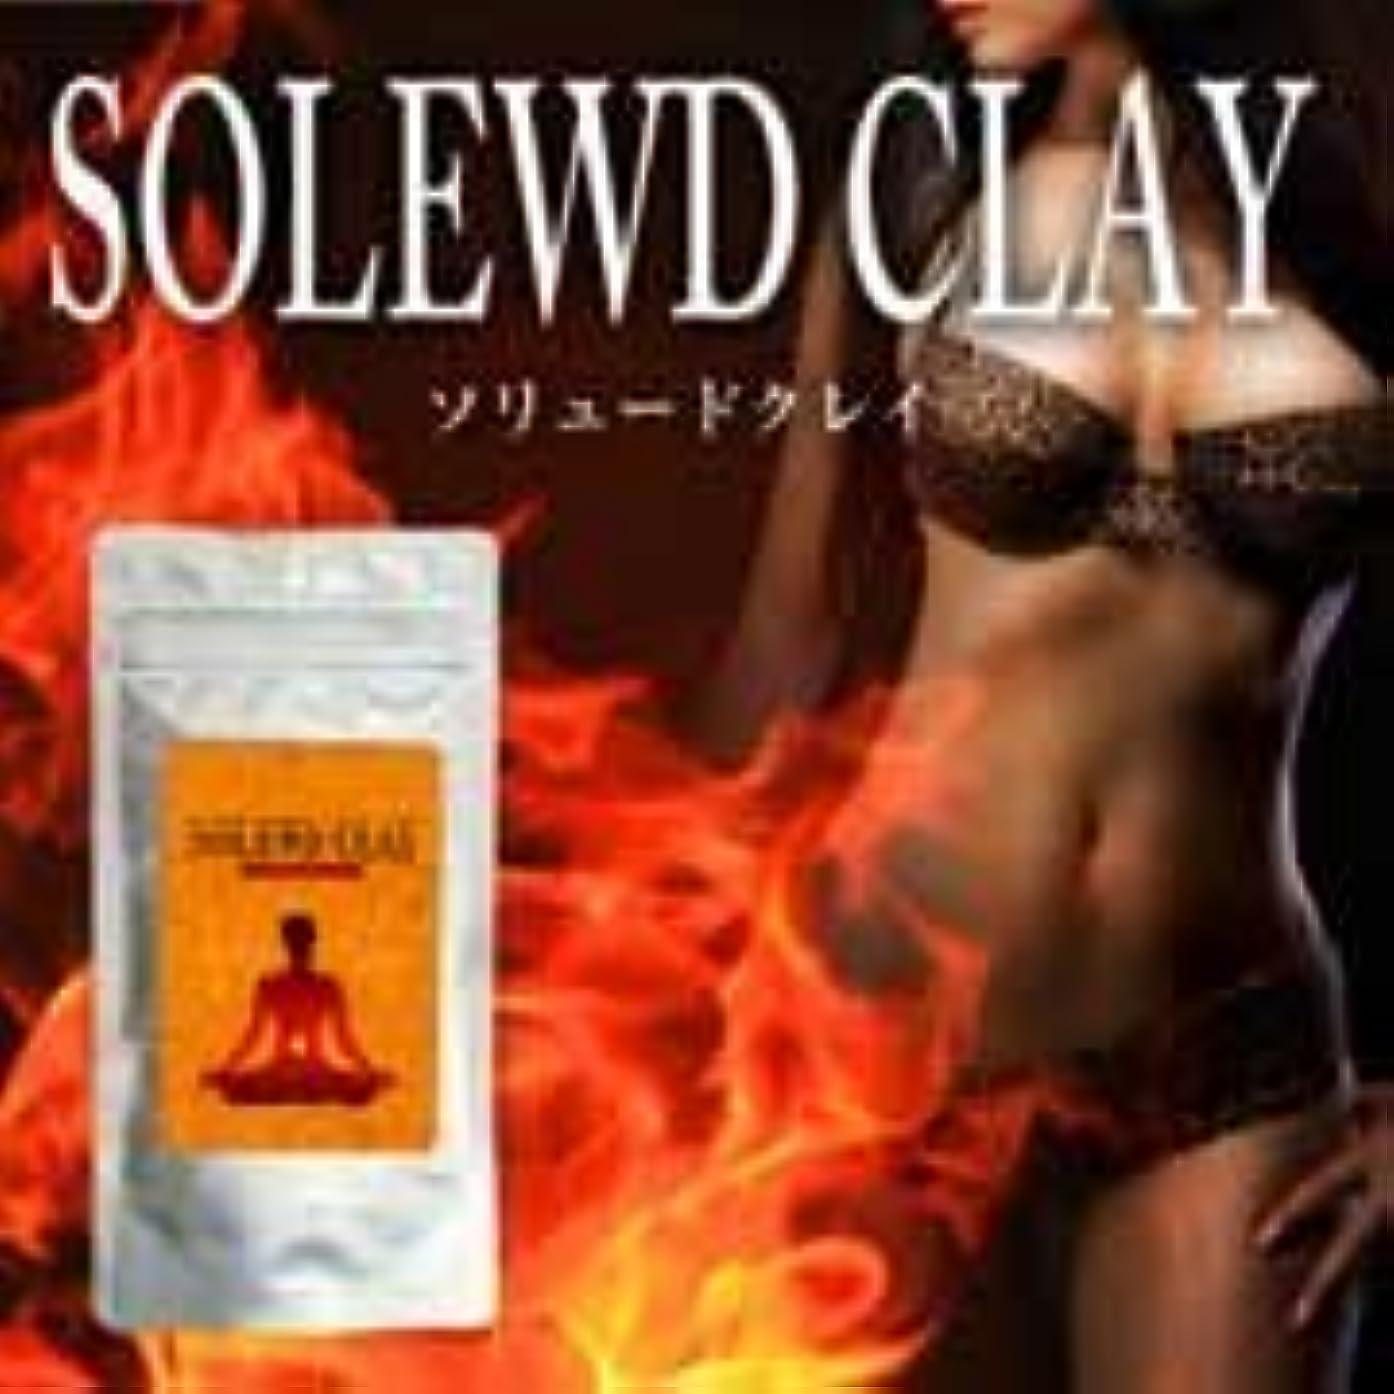 石油パントリーテンション【SOLEWD CLAY ソリュードクレイ】